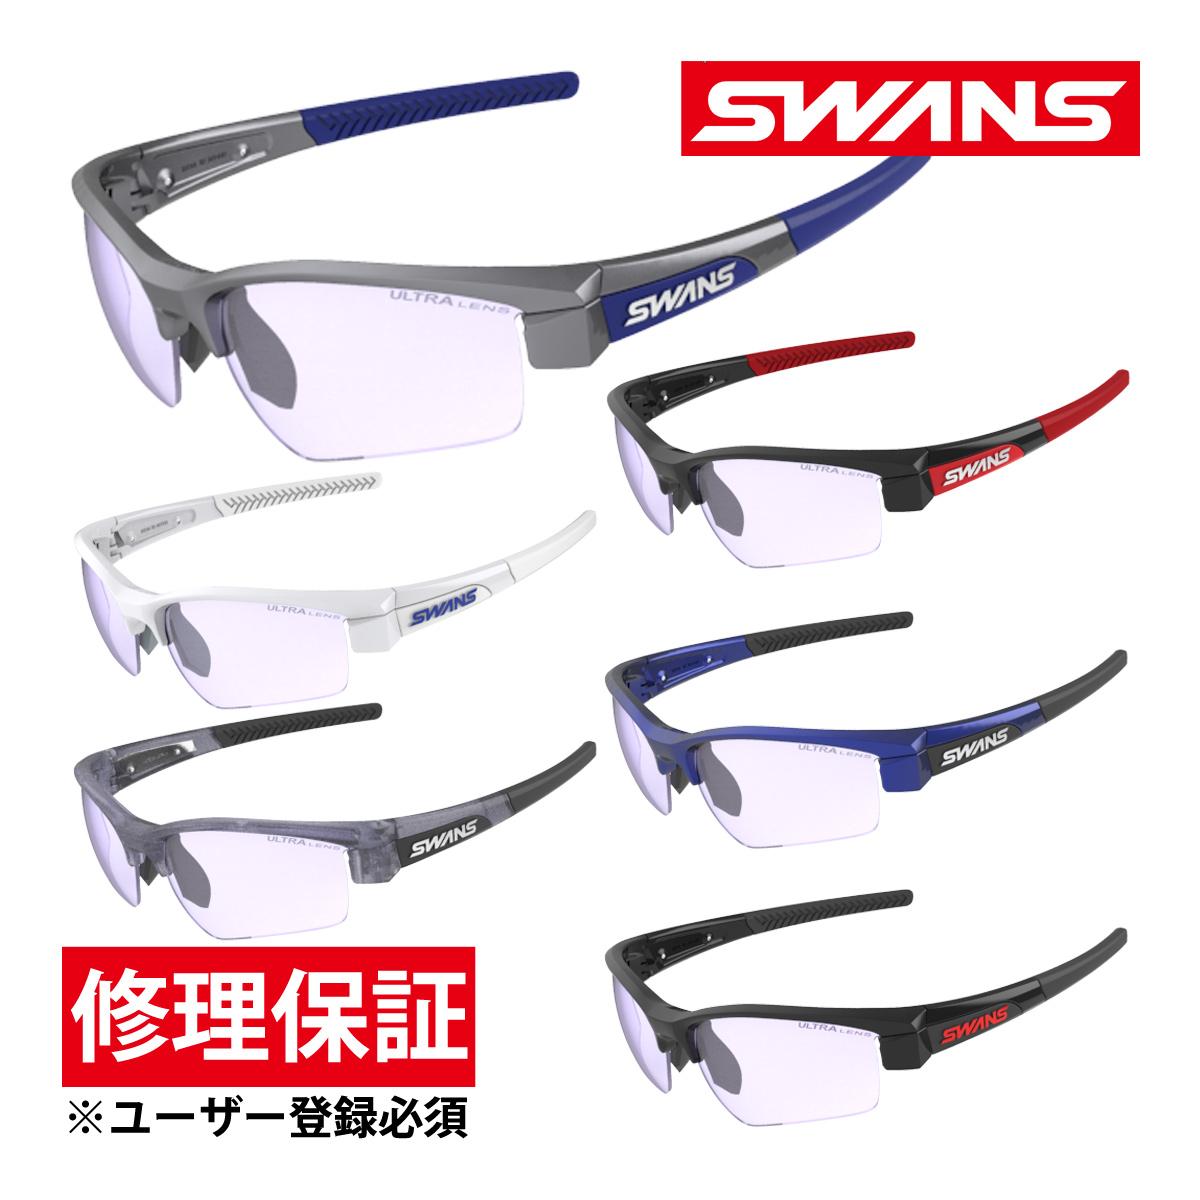 サングラス 両面クラリテックスコートレンズ スポーツ メンズ レディース LION SIN フレーム+L-LI SIN-0415 LICBL ウルトラレンズ 撥水加工 おすすめ 人気 SWANS スワンズ